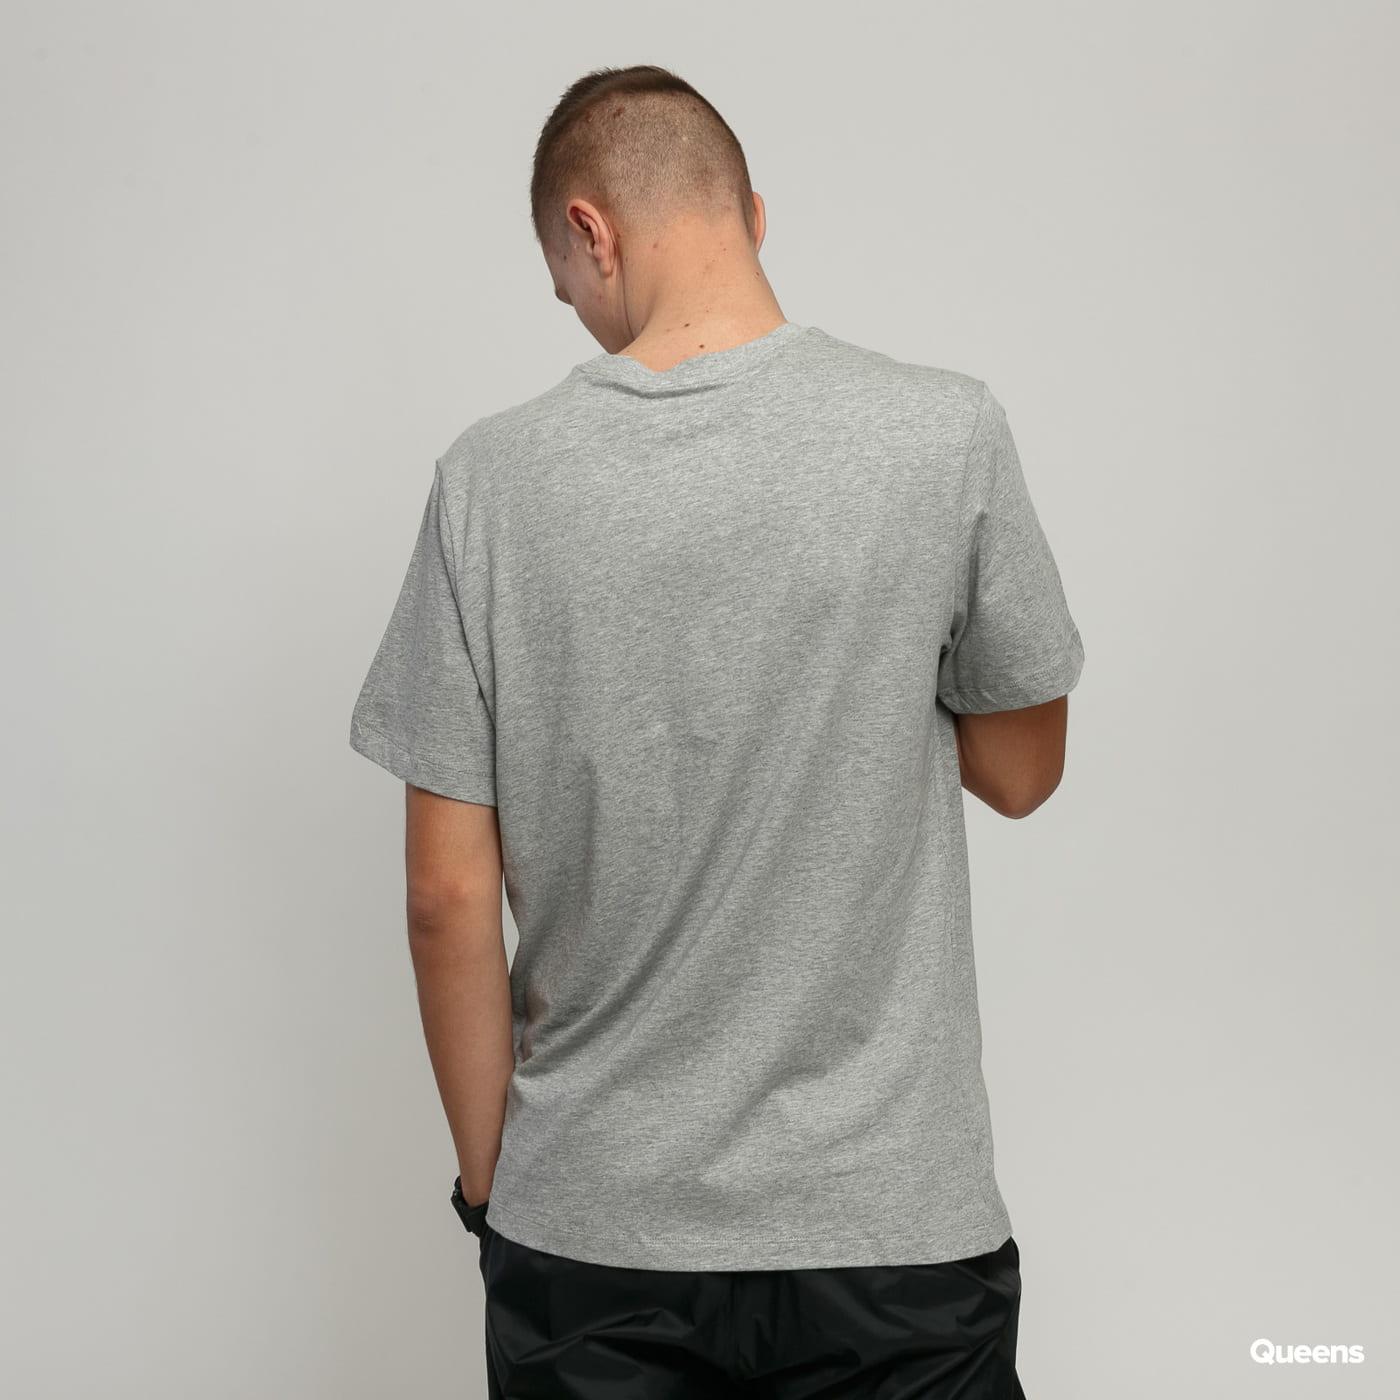 Nike M NSW Tee Just Do It Swoosh grau meliert